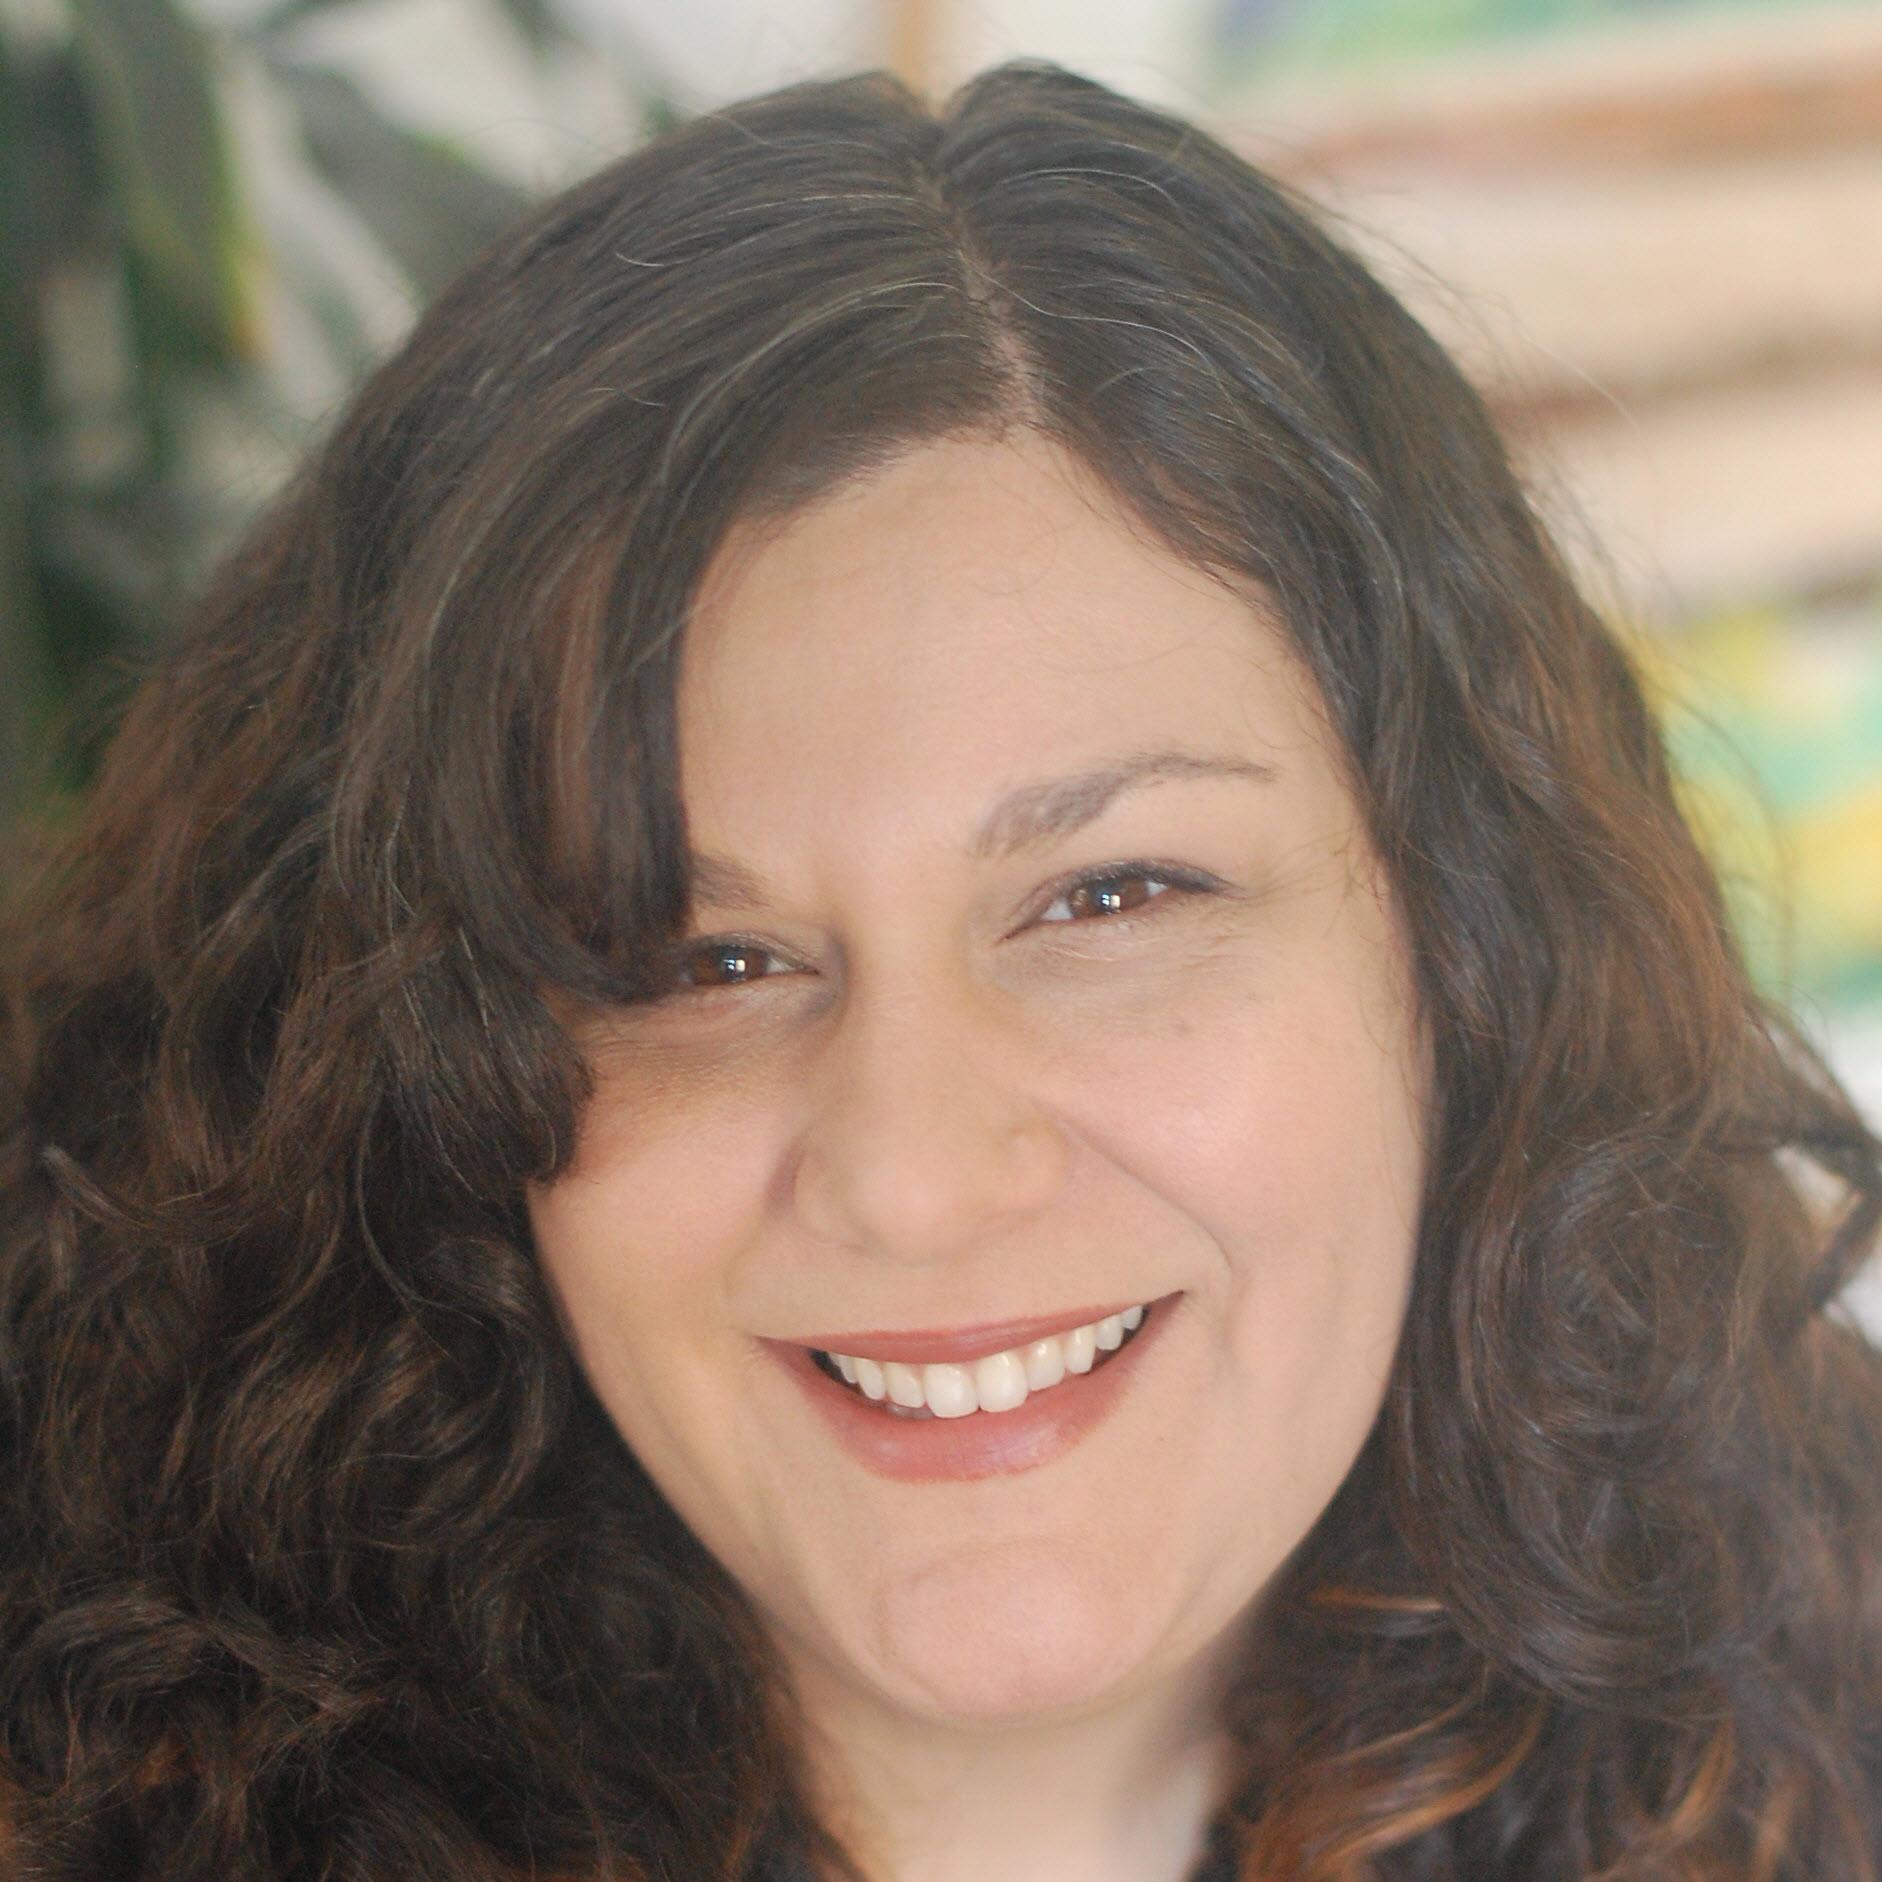 Alana Hollander